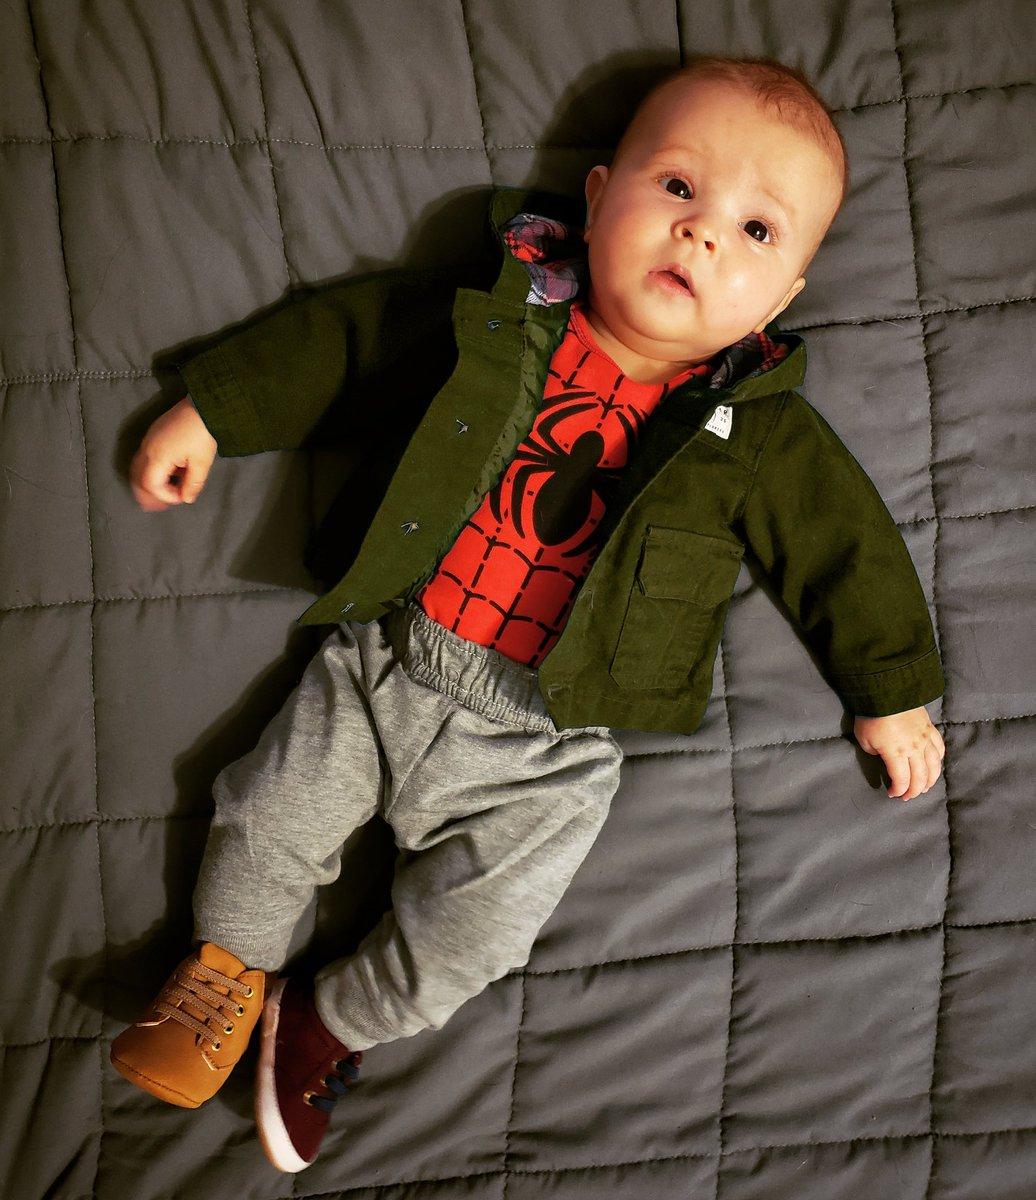 Elijah doing his best Peter B. Parker impression. #cosplay #baby #peterbparker #peterbparkercosplay #badass